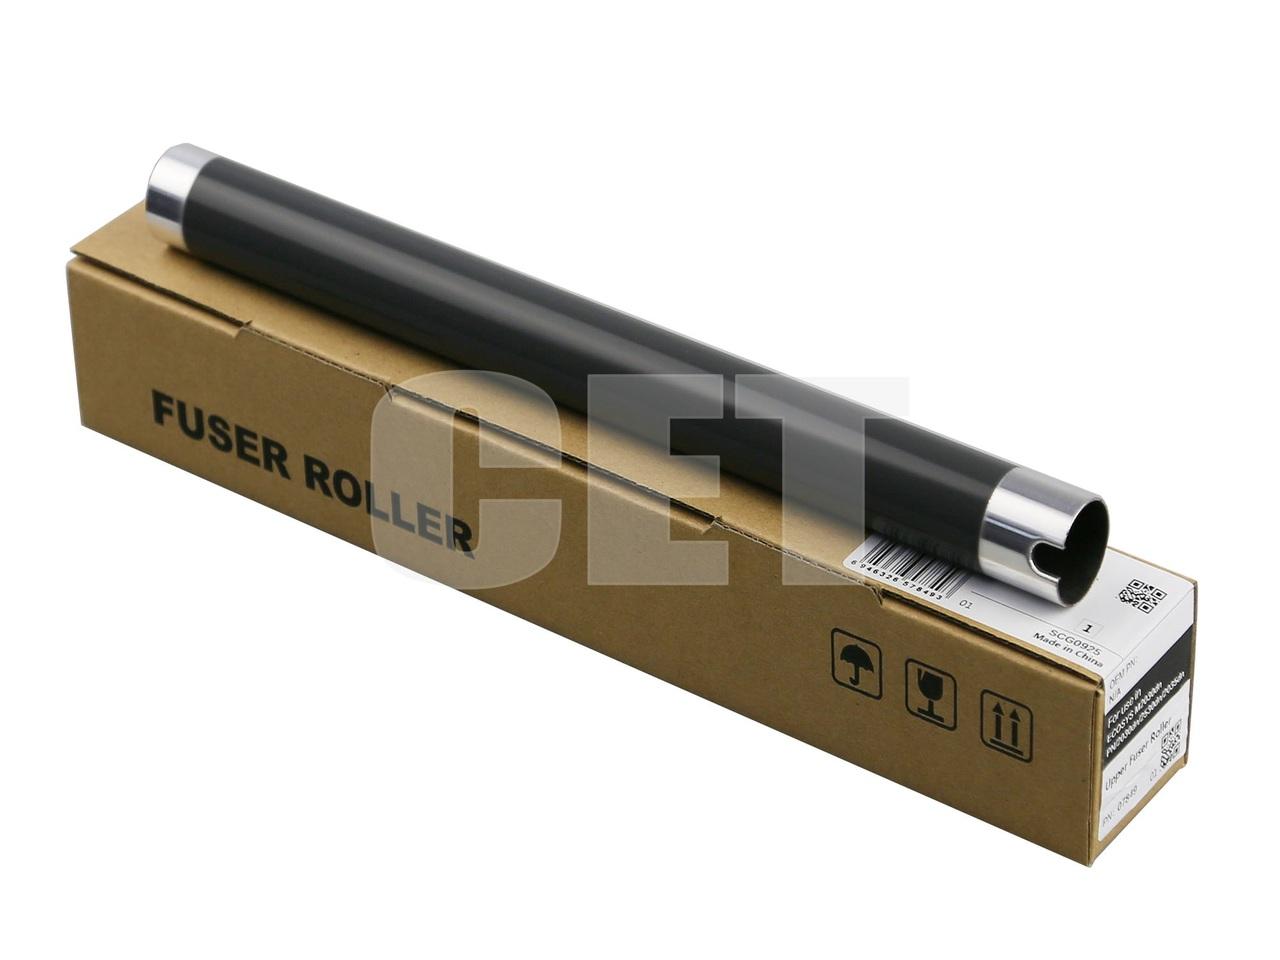 Тефлоновый вал для KYOCERA ECOSYSM2030dn/M2530dn/M2035dn/M2535dn/P2035d/P2135d (CET),CET7849